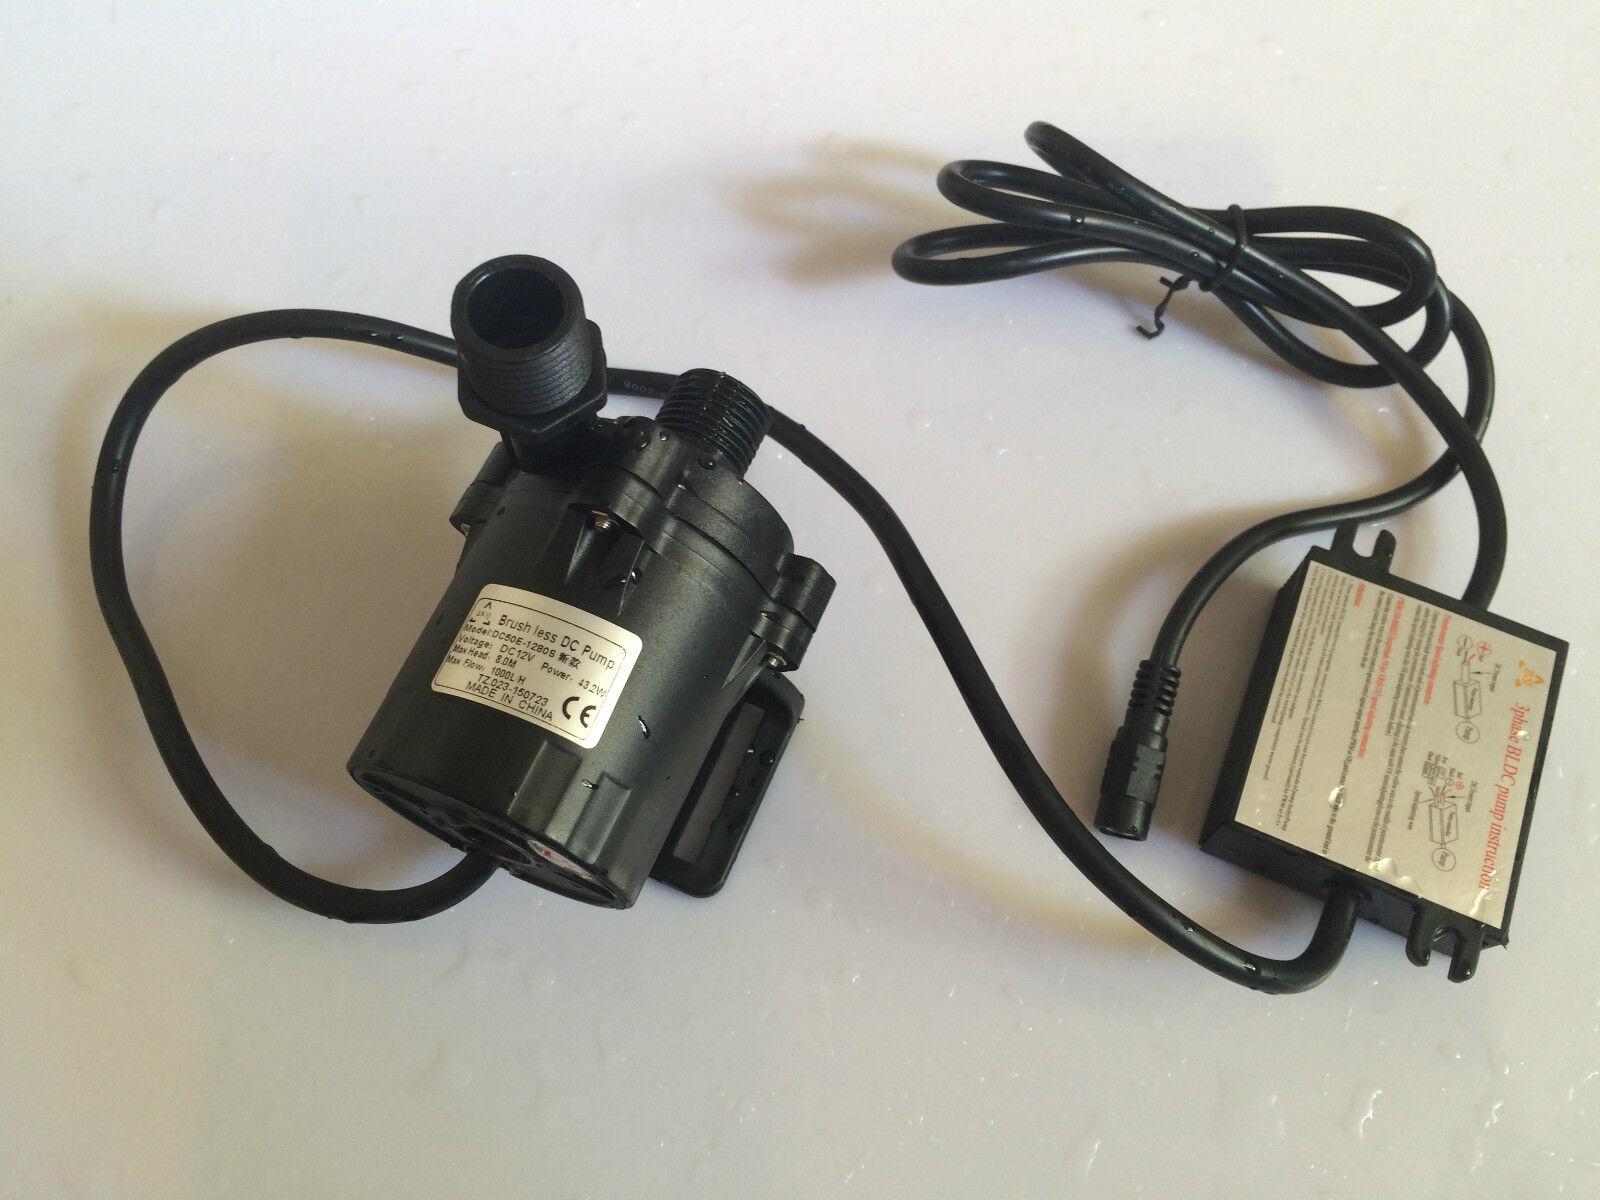 12V Micro Agua Caliente Bomba de circulación sin escobillas 50E-1280S 8m 1000LPH, Sumergible